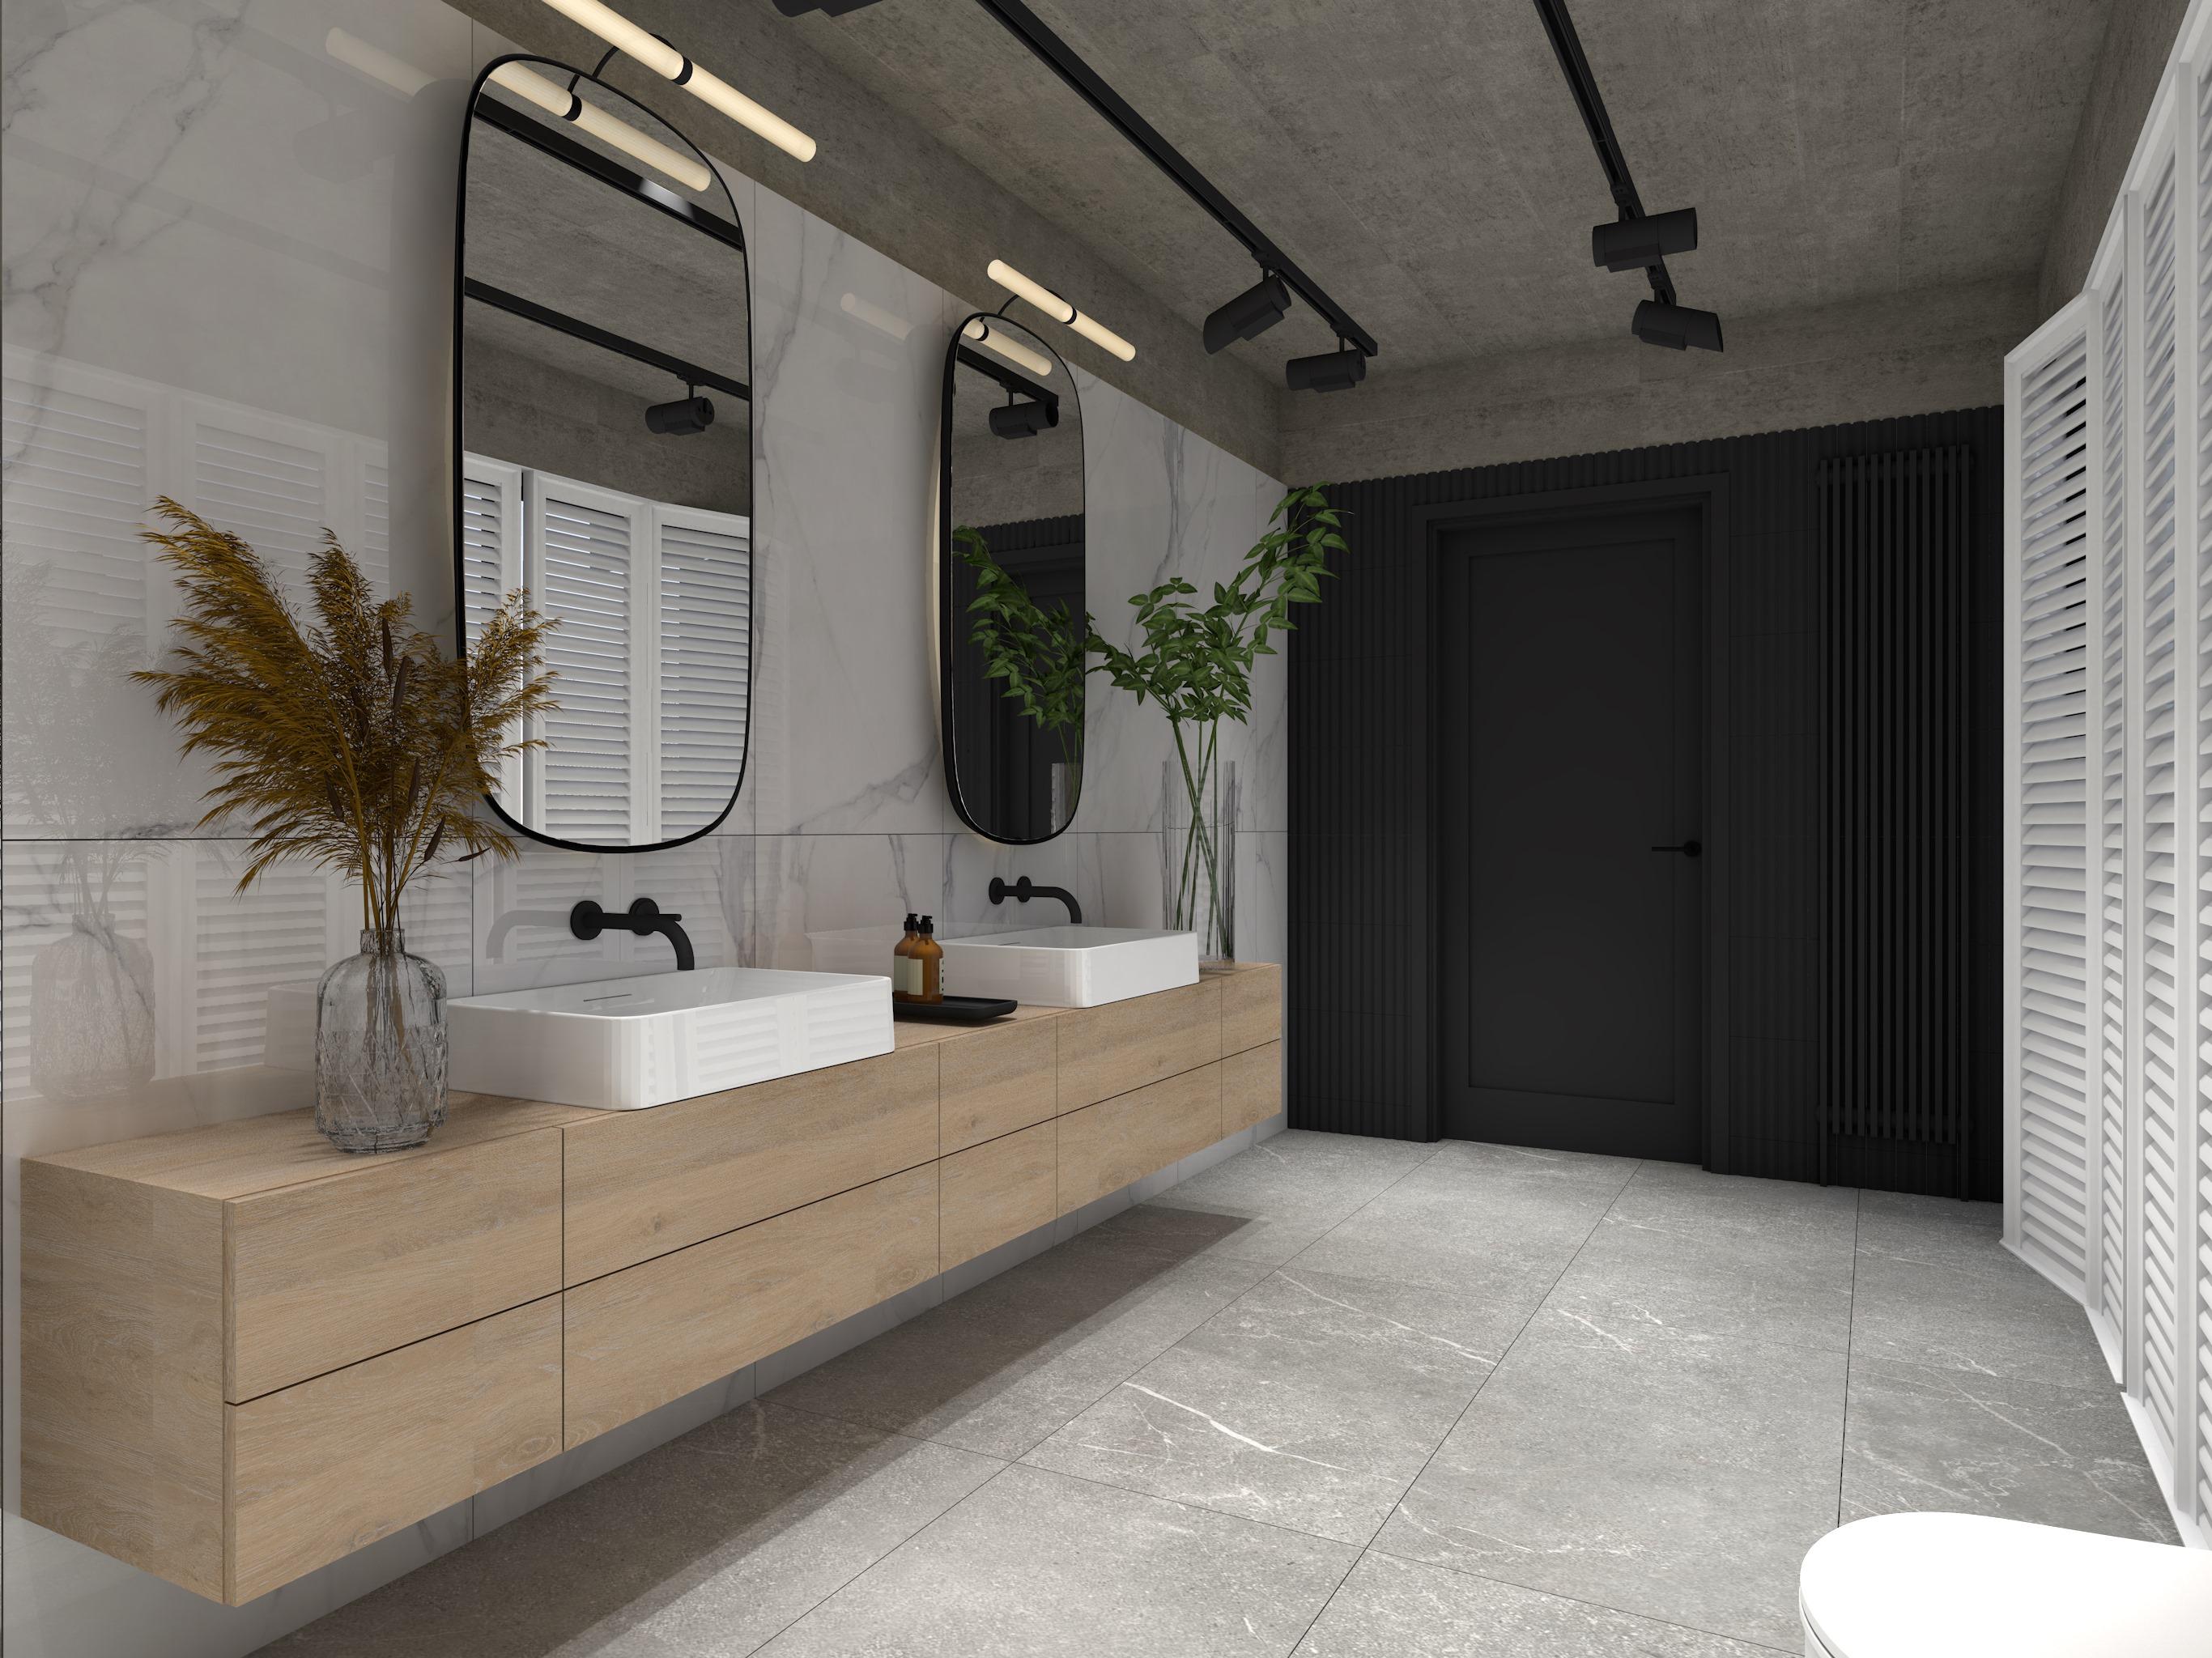 Duża łazienka z drewnianą szafką wiszącą, dwoma umywalkami i lustrami, jedną czarną ścianą, szarą podłogą, czarnymi lampami szynowymi i płytkami Pontremoli Brillo na ścianie